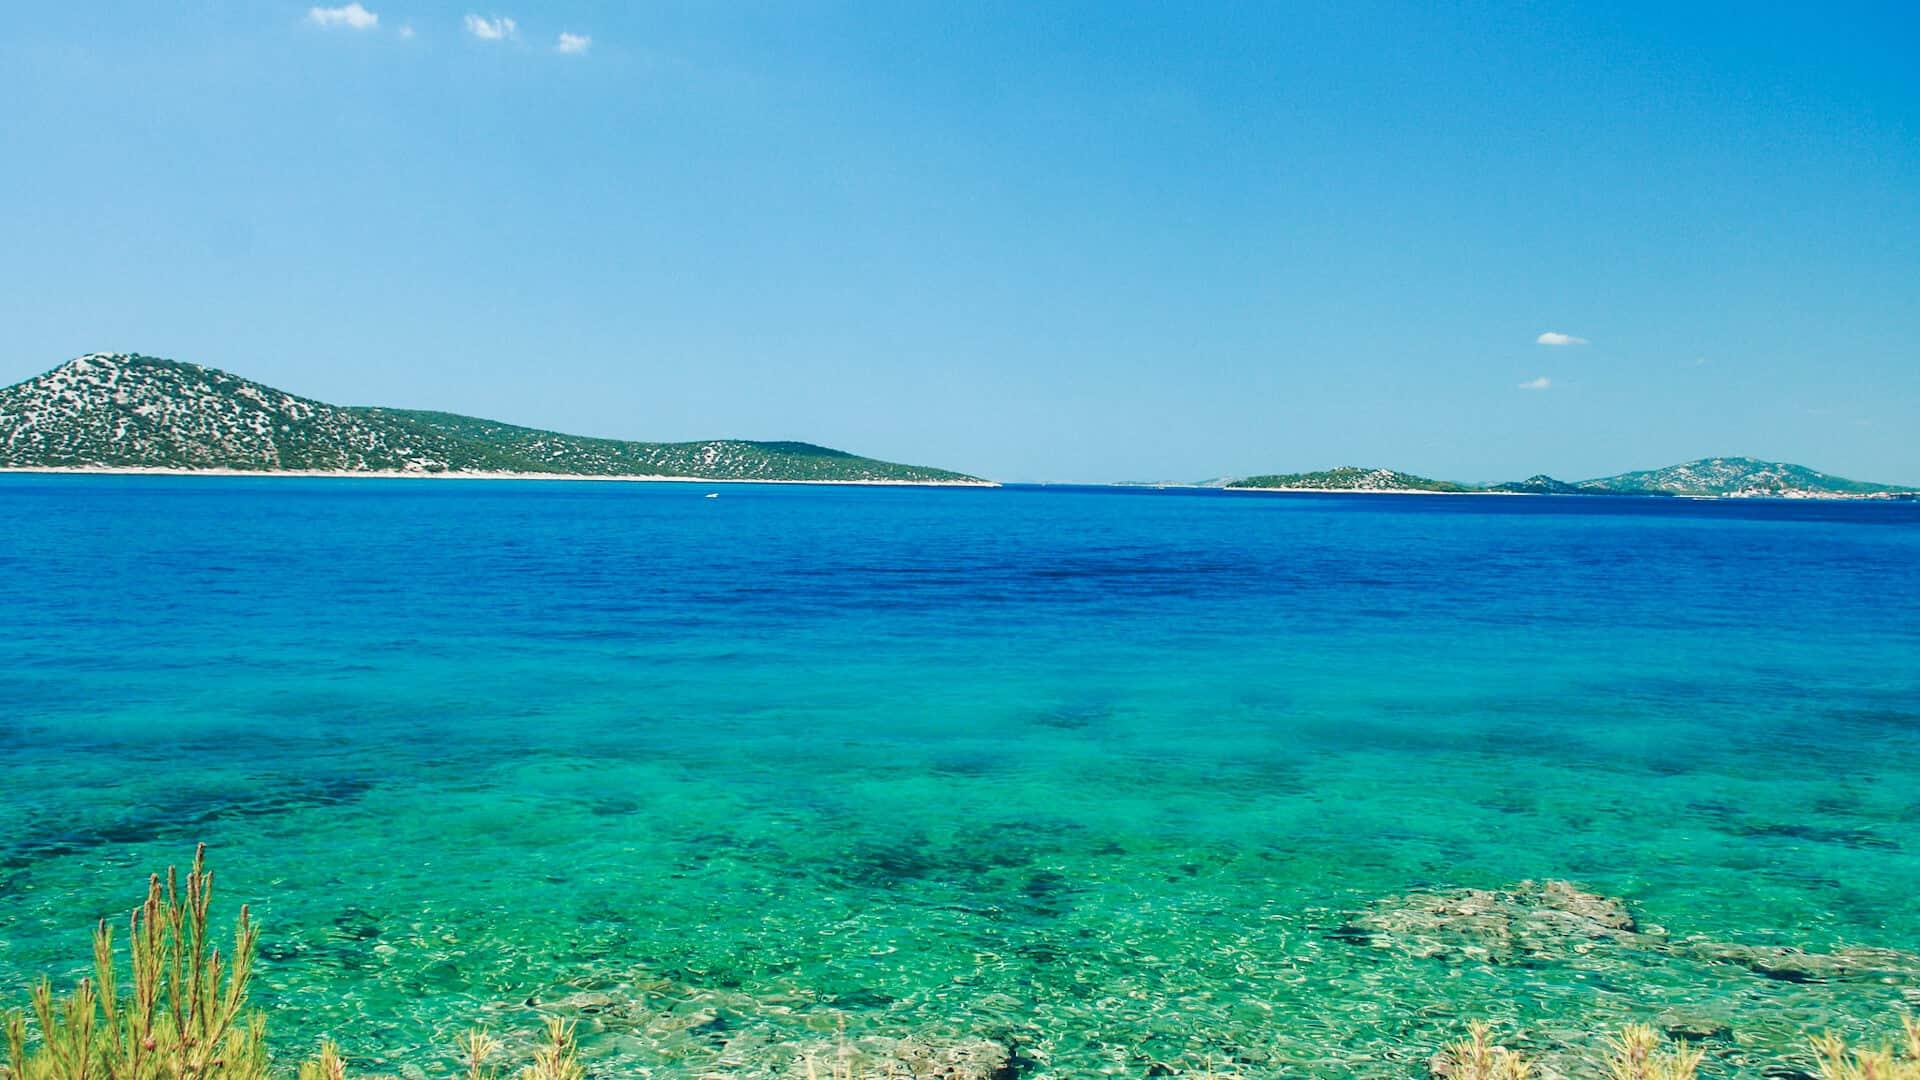 mejores playas de Croacia Kornati